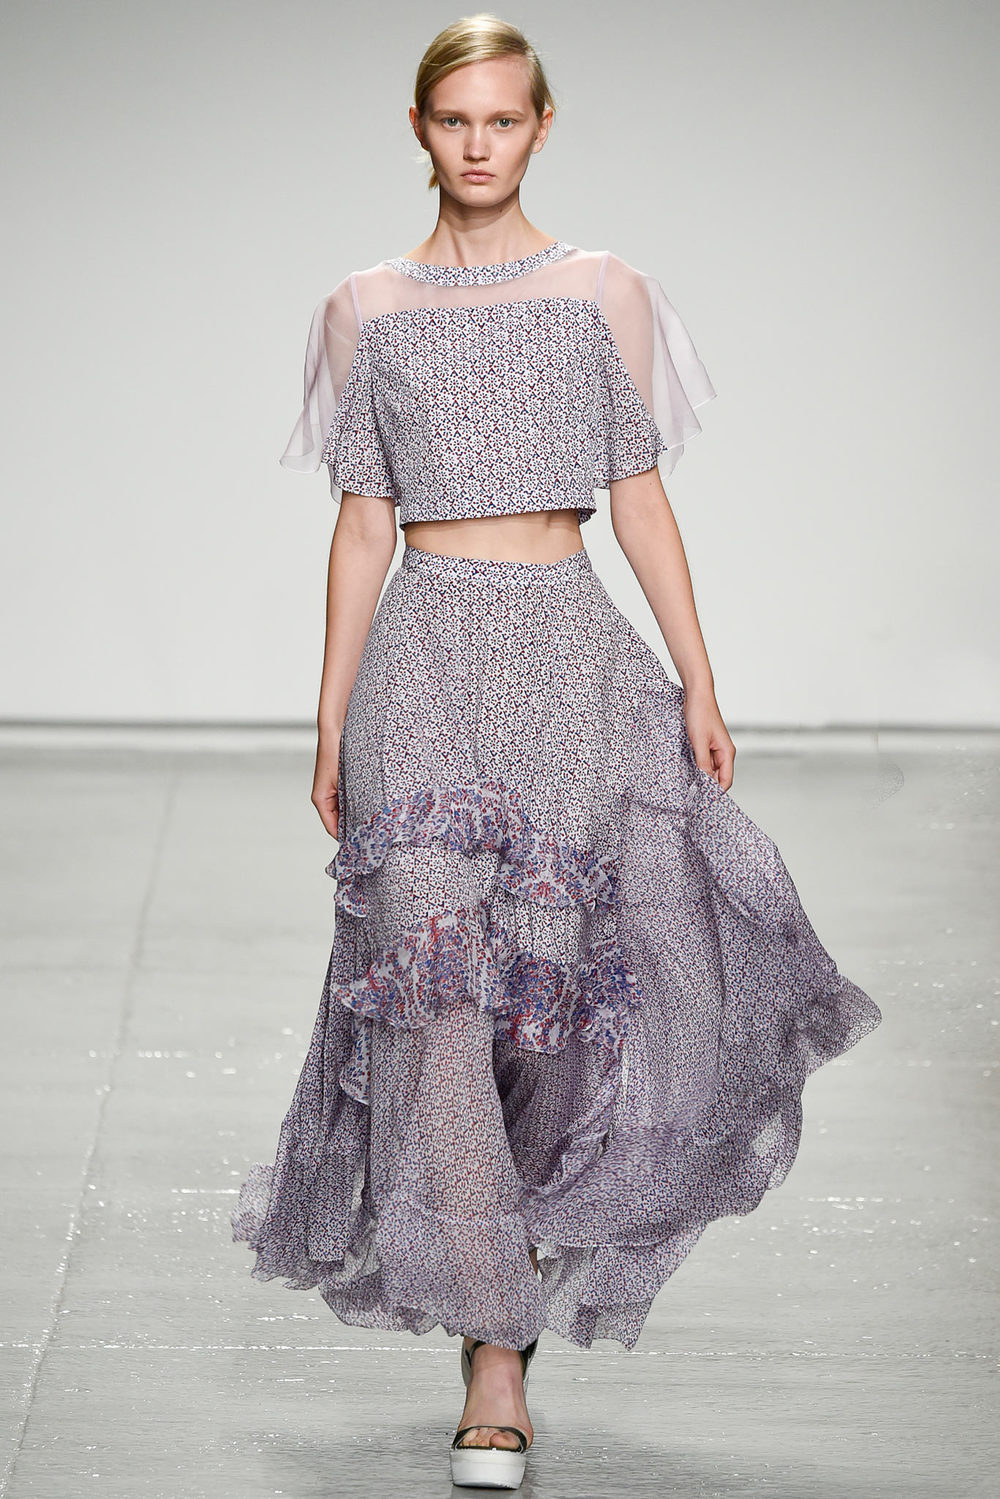 Rebecca-taylor-spring-2015-03.jpg